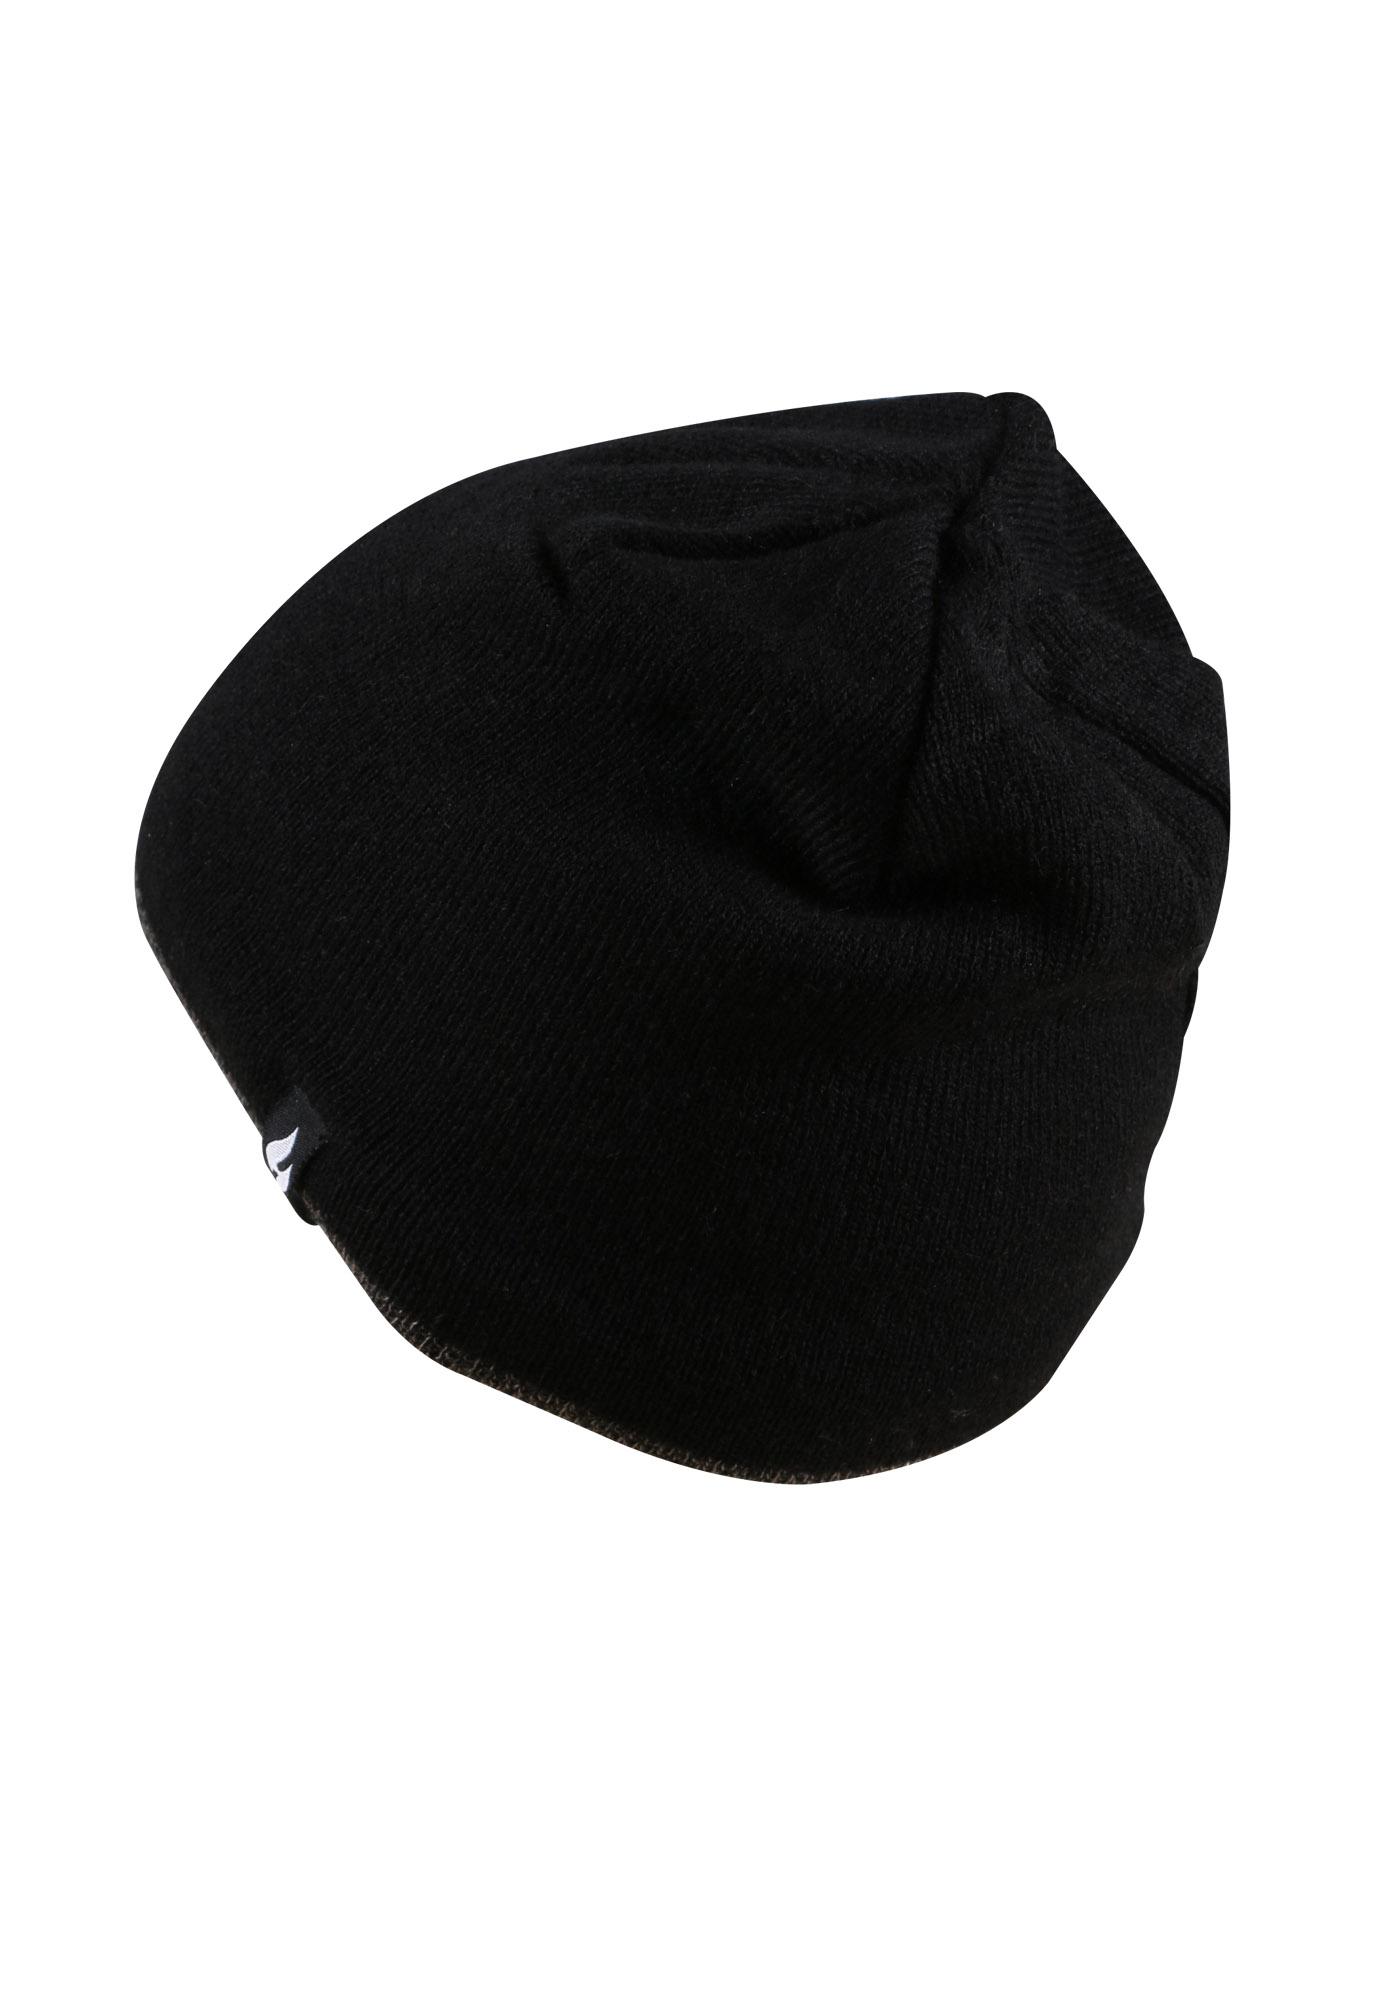 bd5b3463c42 ... Mens Thermal Hat